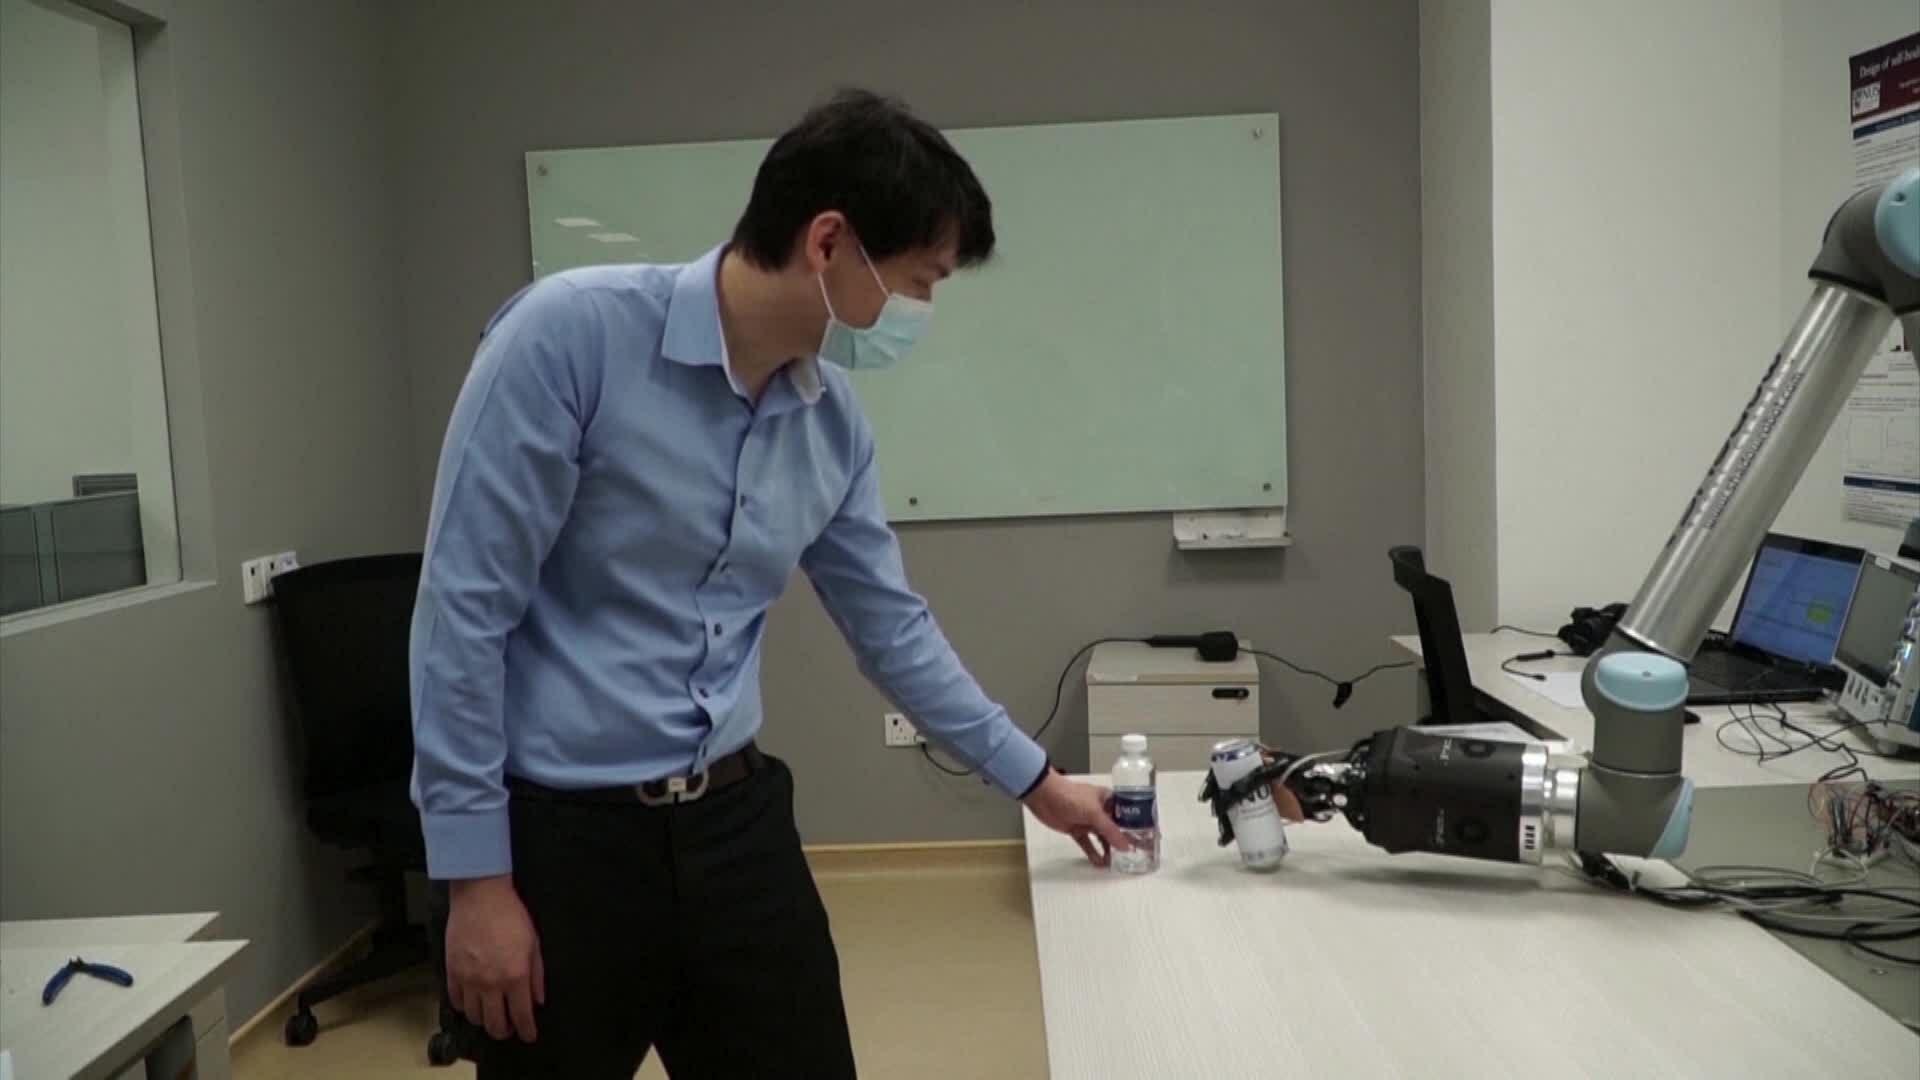 Vật liệu 'tự liền' giúp tay giả cảm nhận vật thể